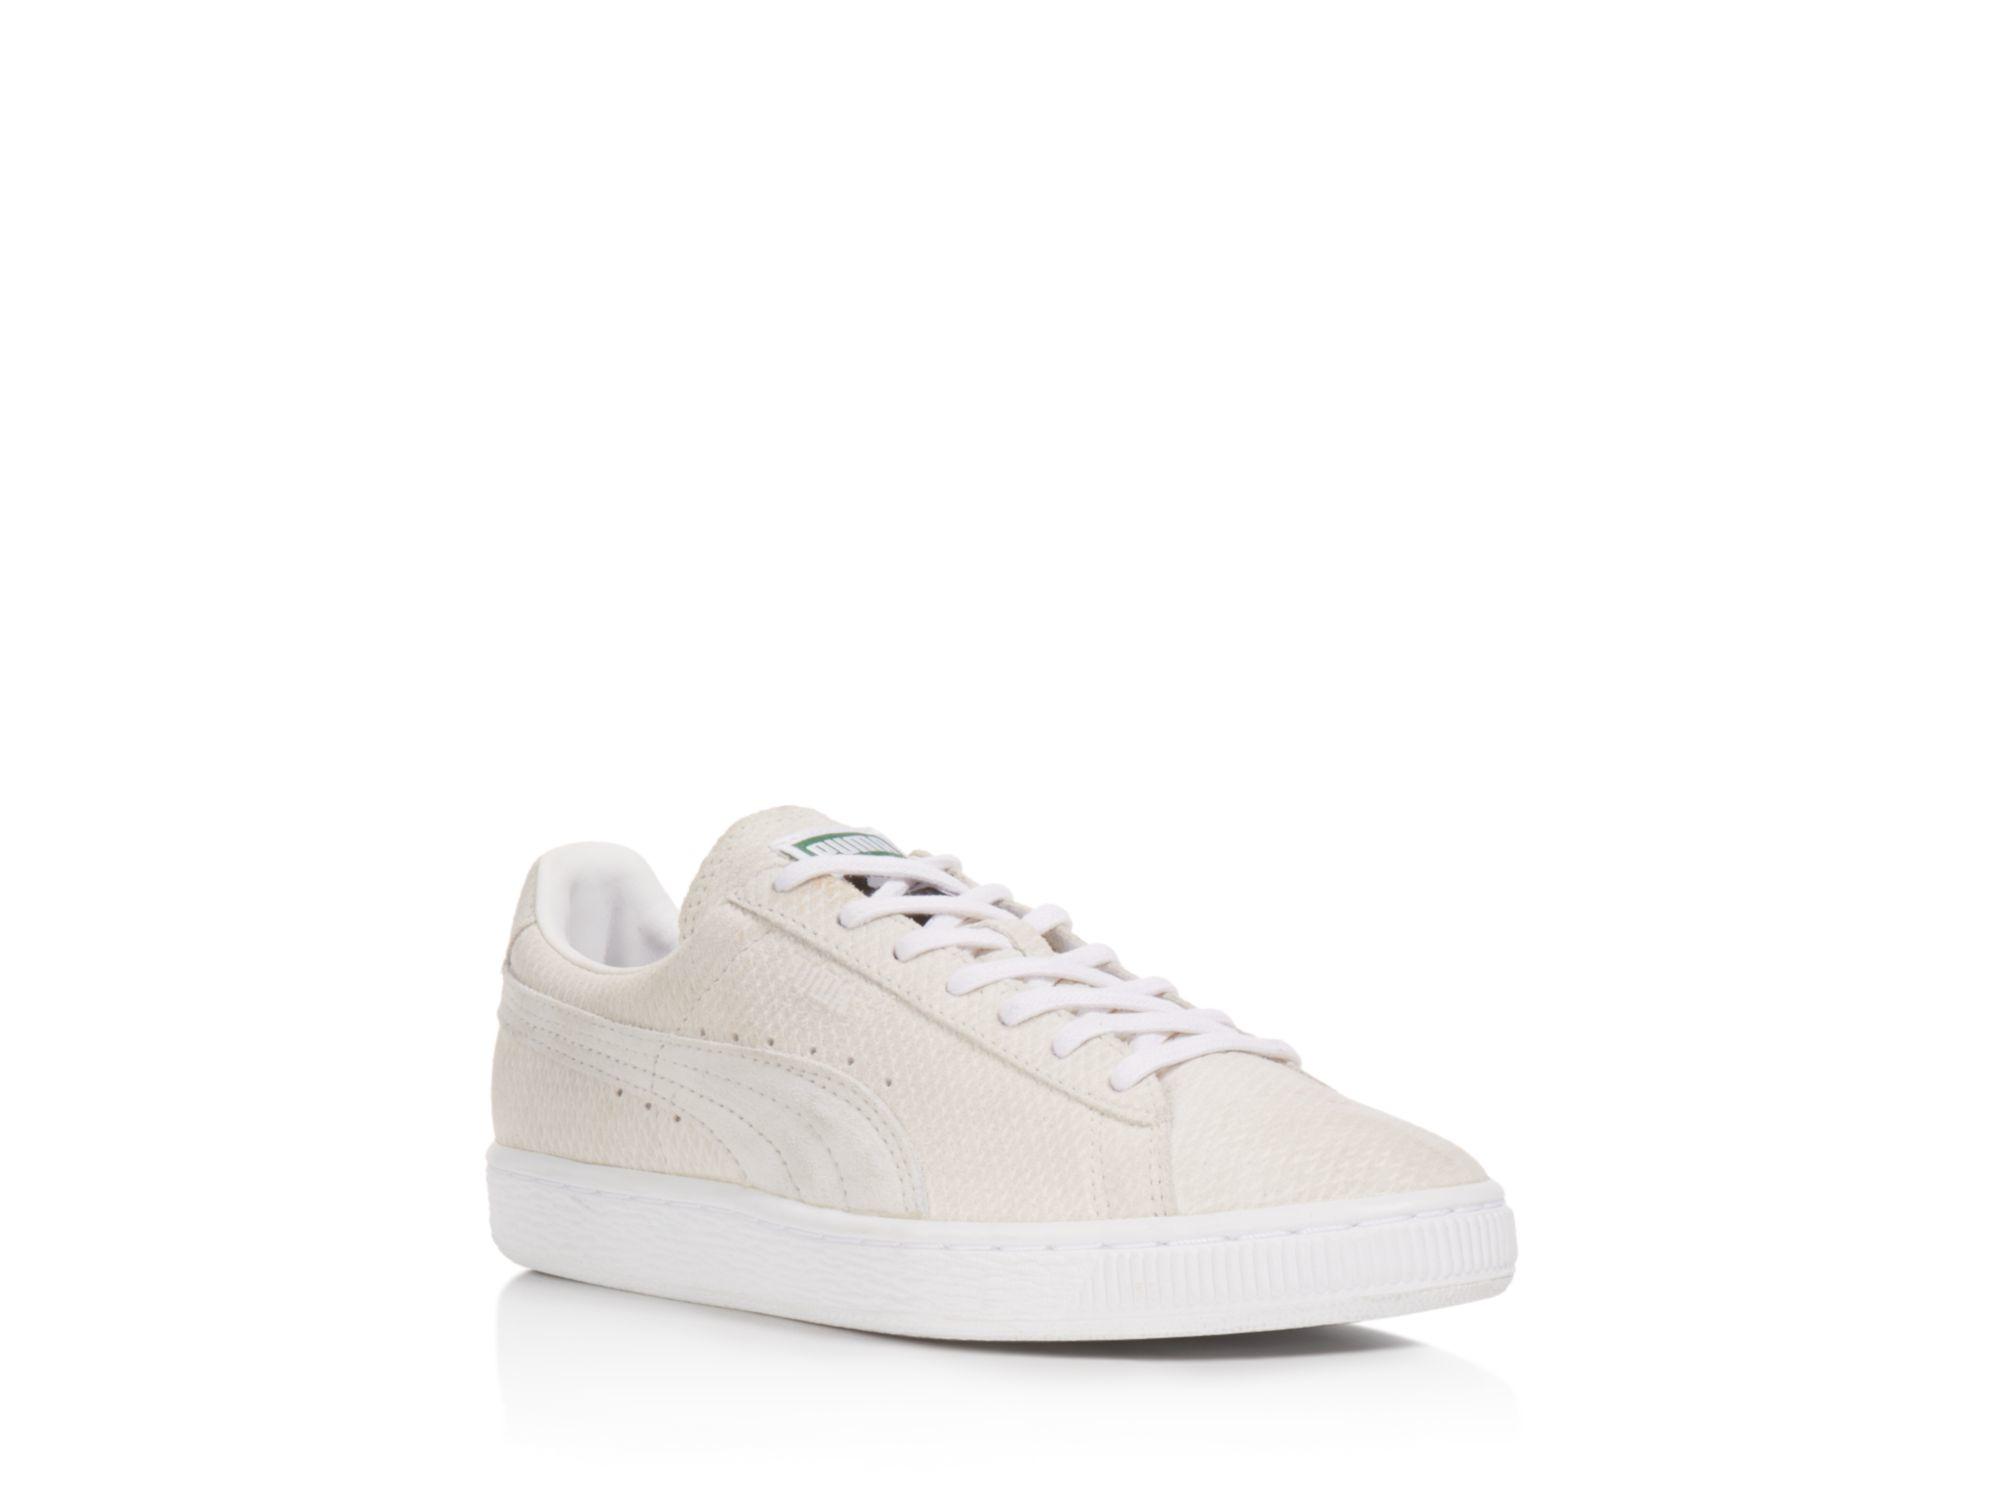 puma suede blanche et beige